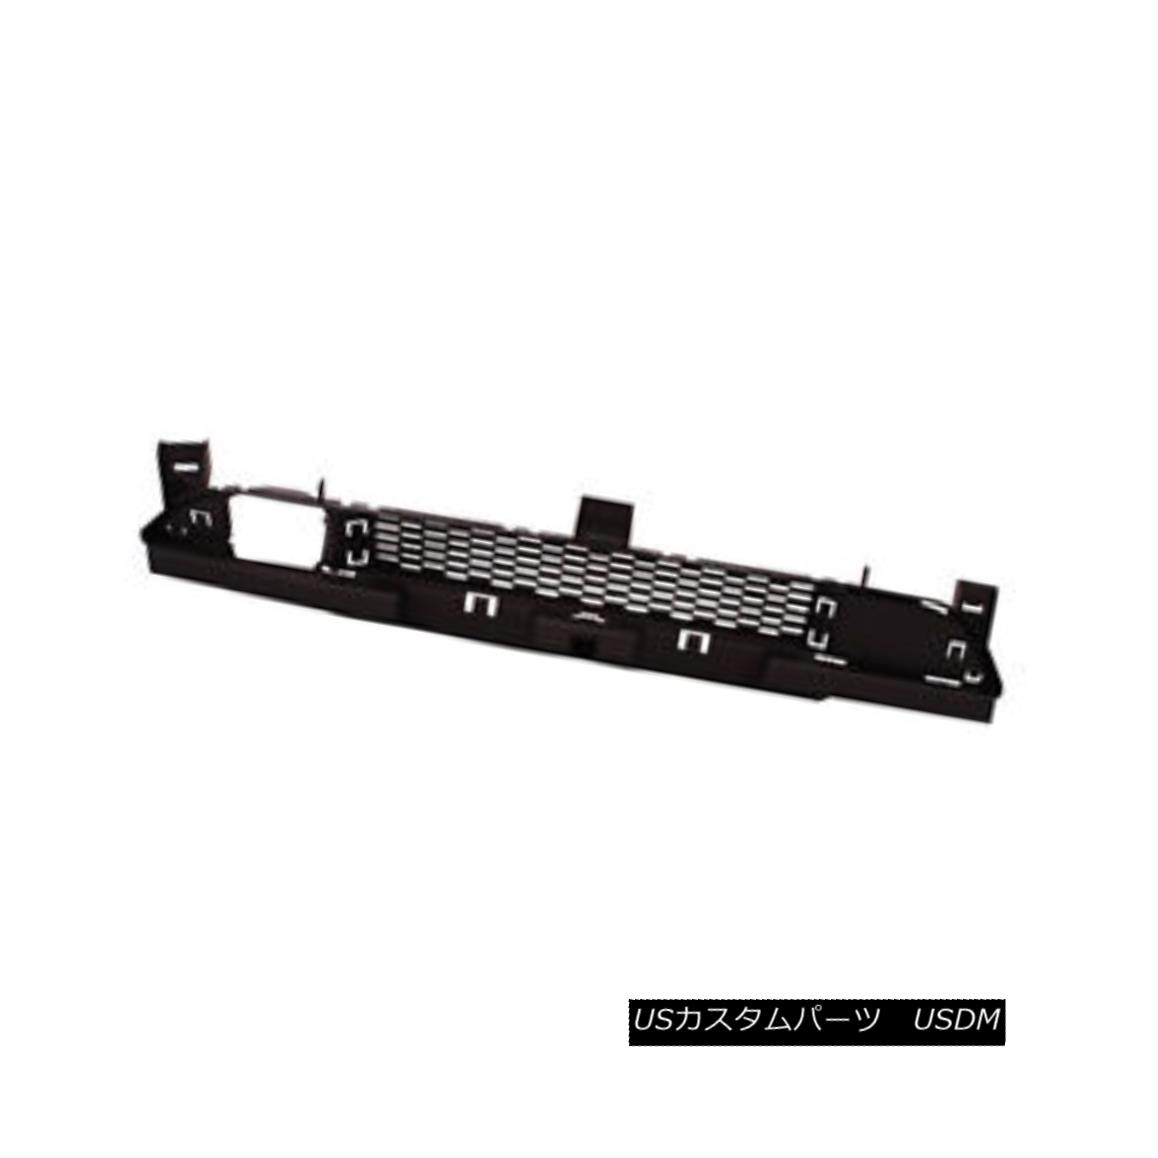 グリル Replacement Bumper Grille w/Apative Cruise Control w/o SRT8 104-02296B CAPA SRT8なしのアダプティブクルーズコントロール付き交換バンパーグリル104-02296B CAPA